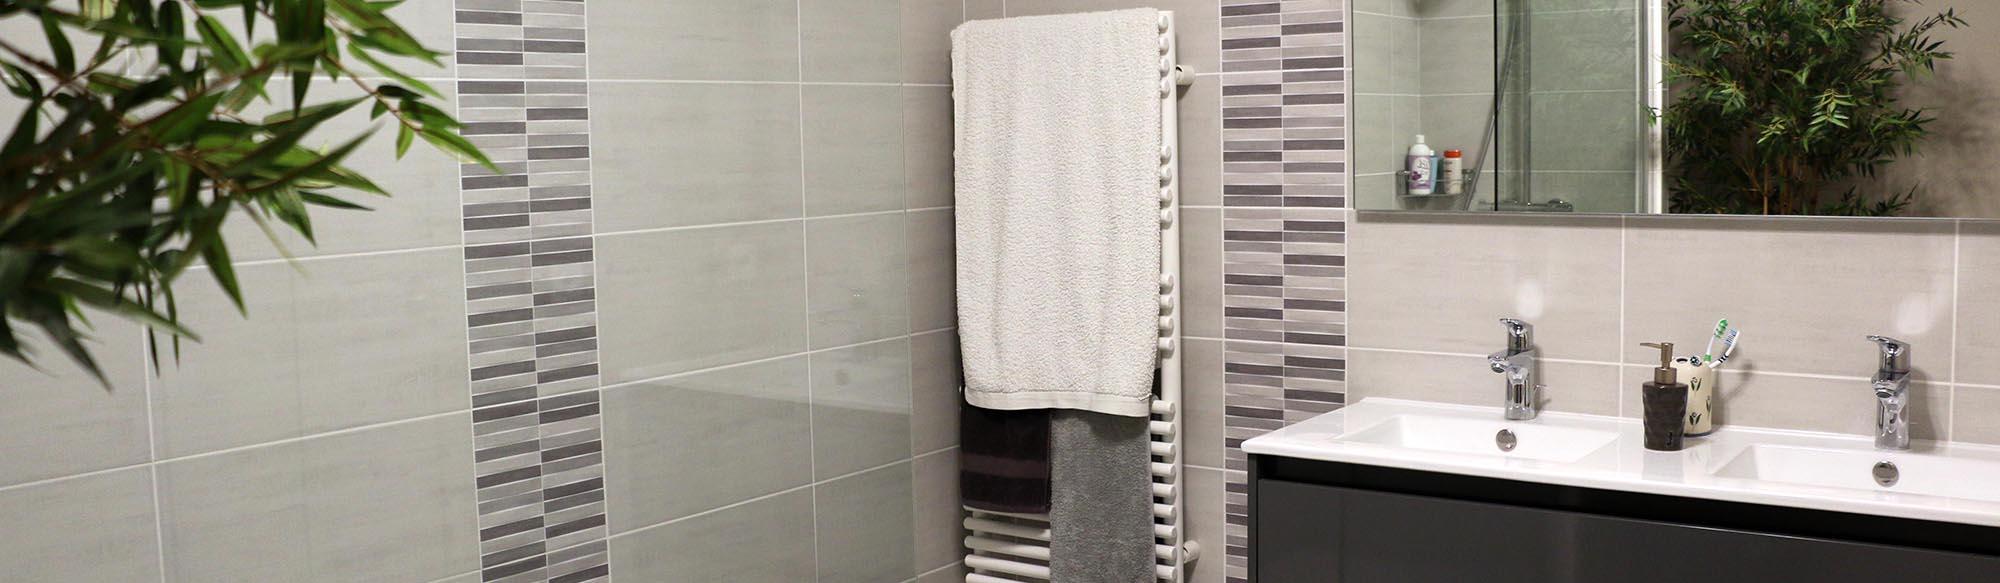 Rénovation salle de bain appartement